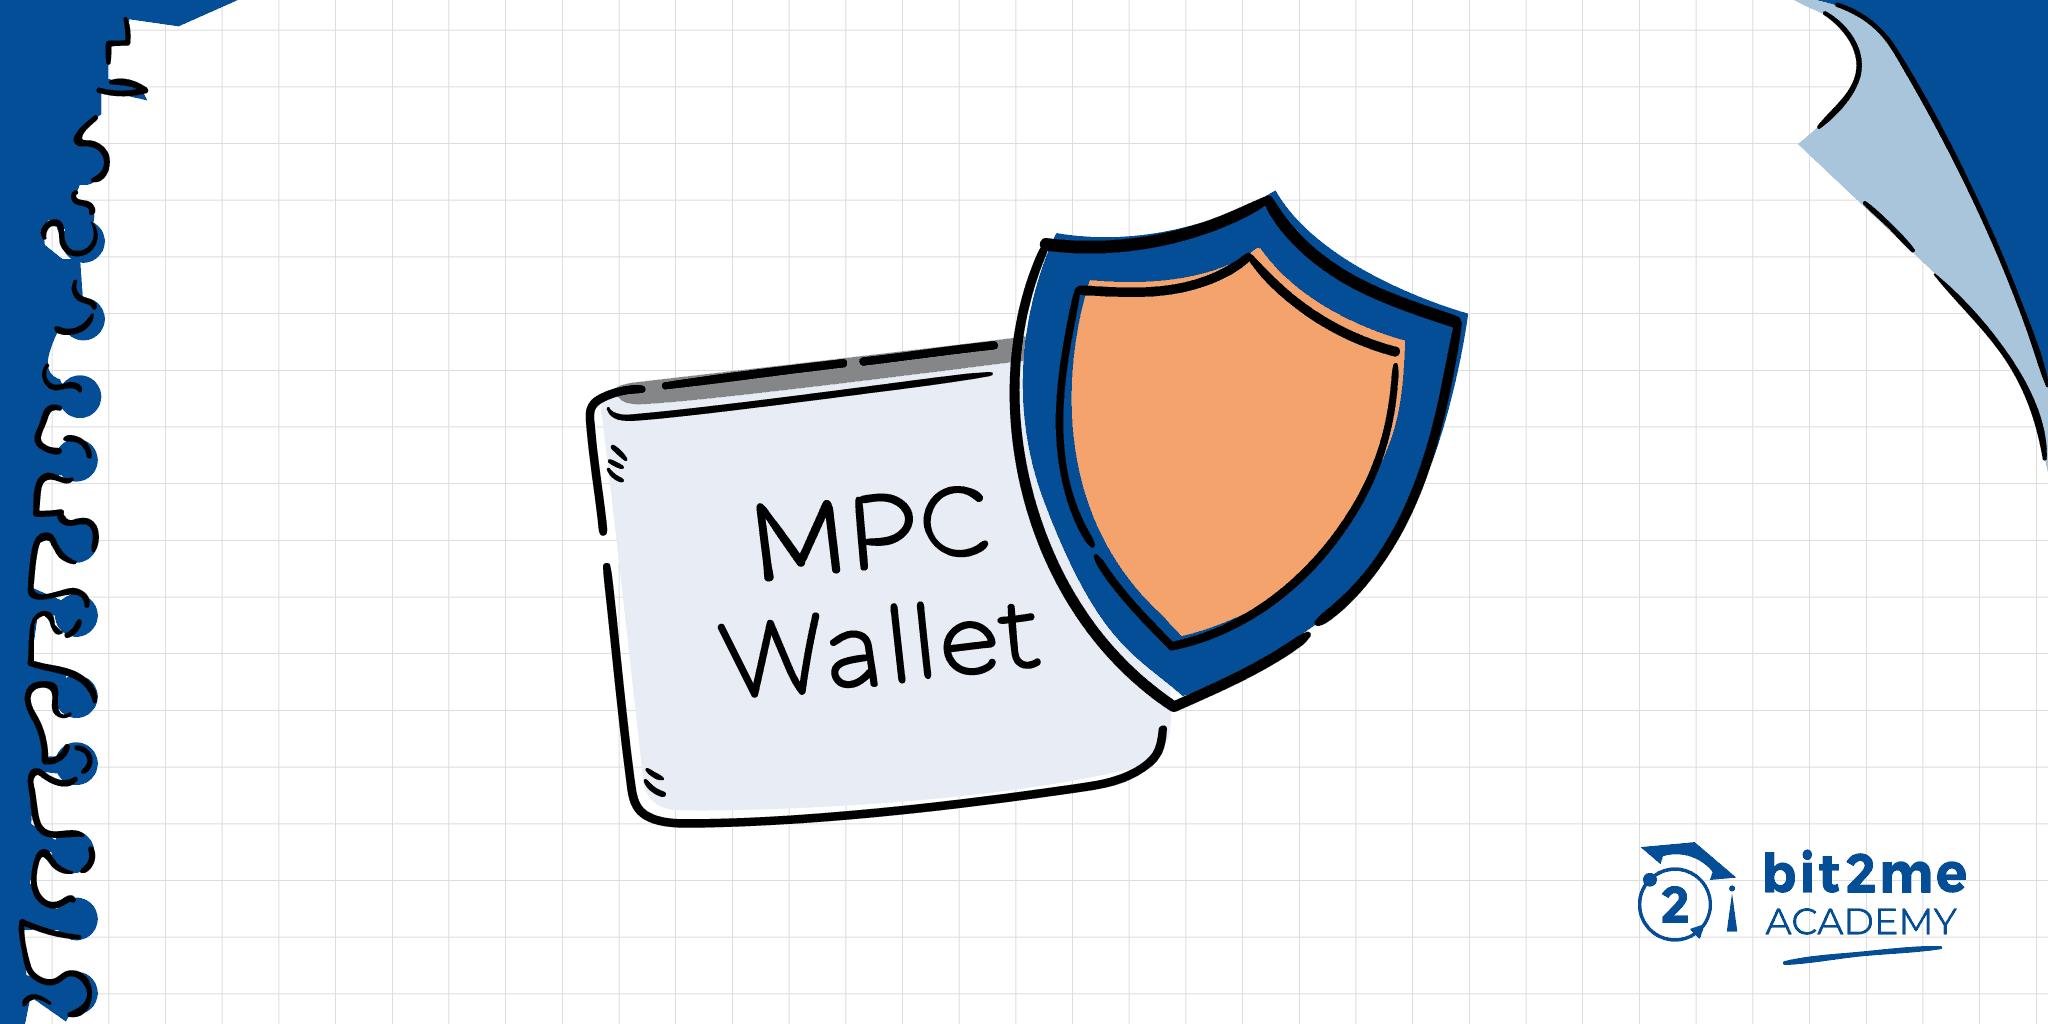 mpc wallet criptomonedas